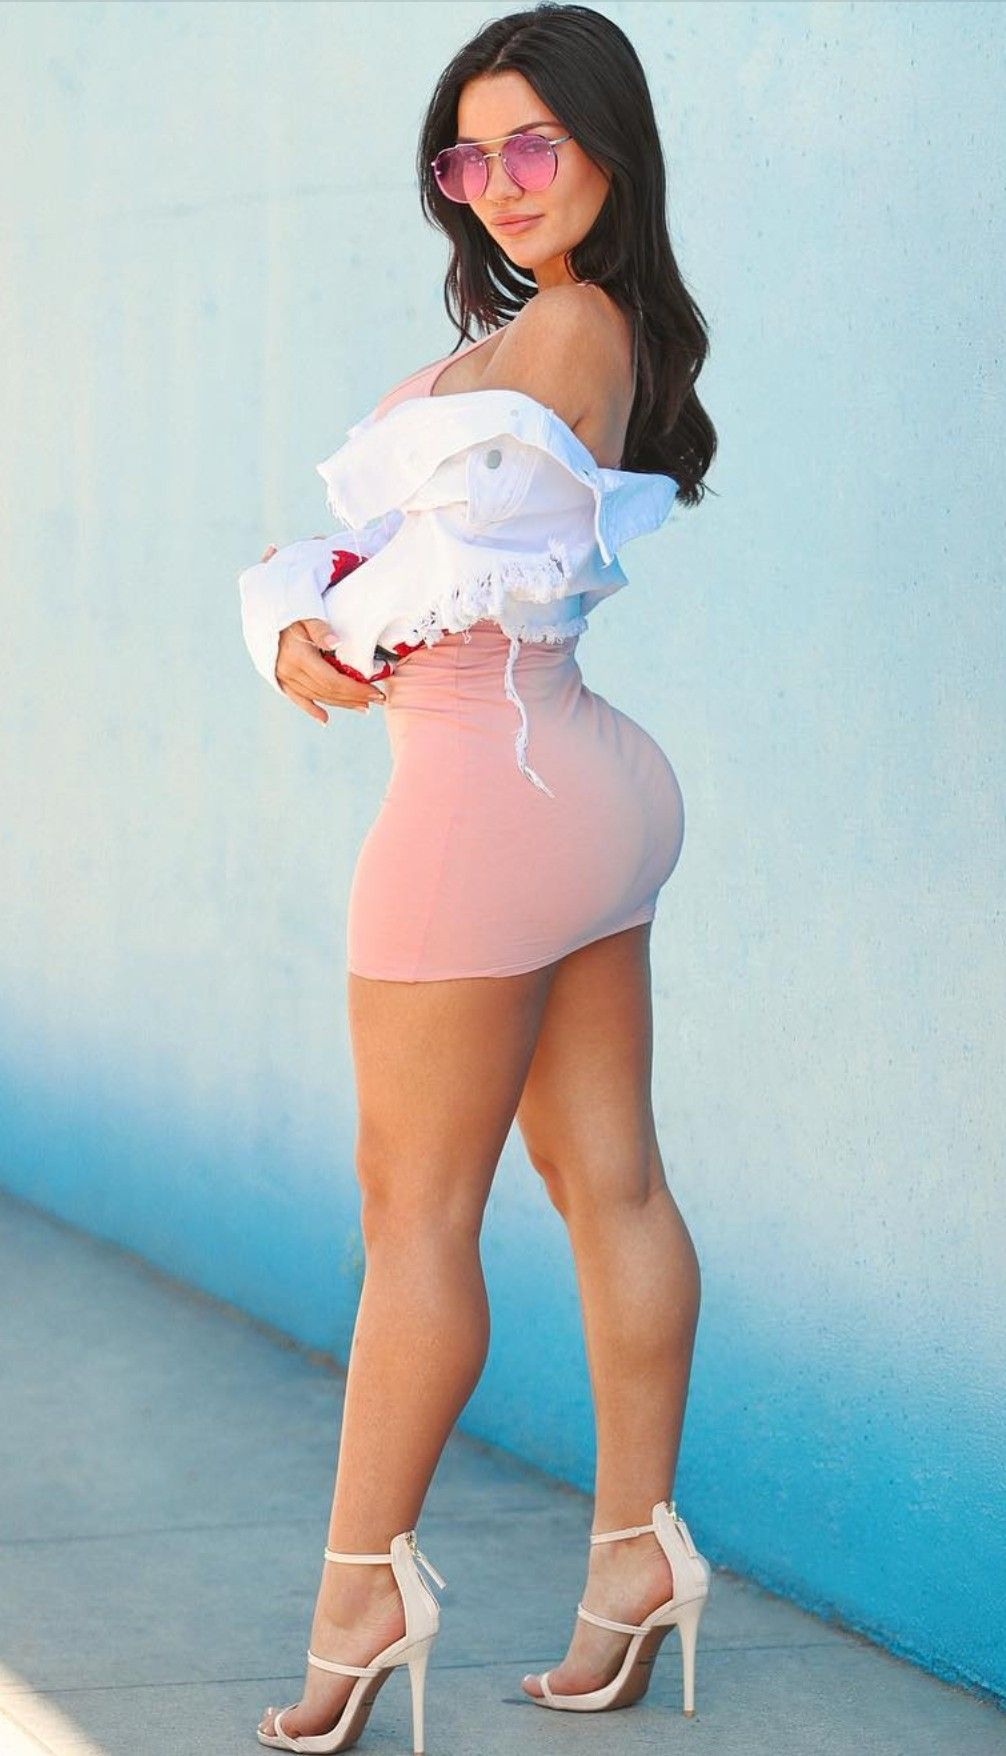 las putas mas hermosas piernas